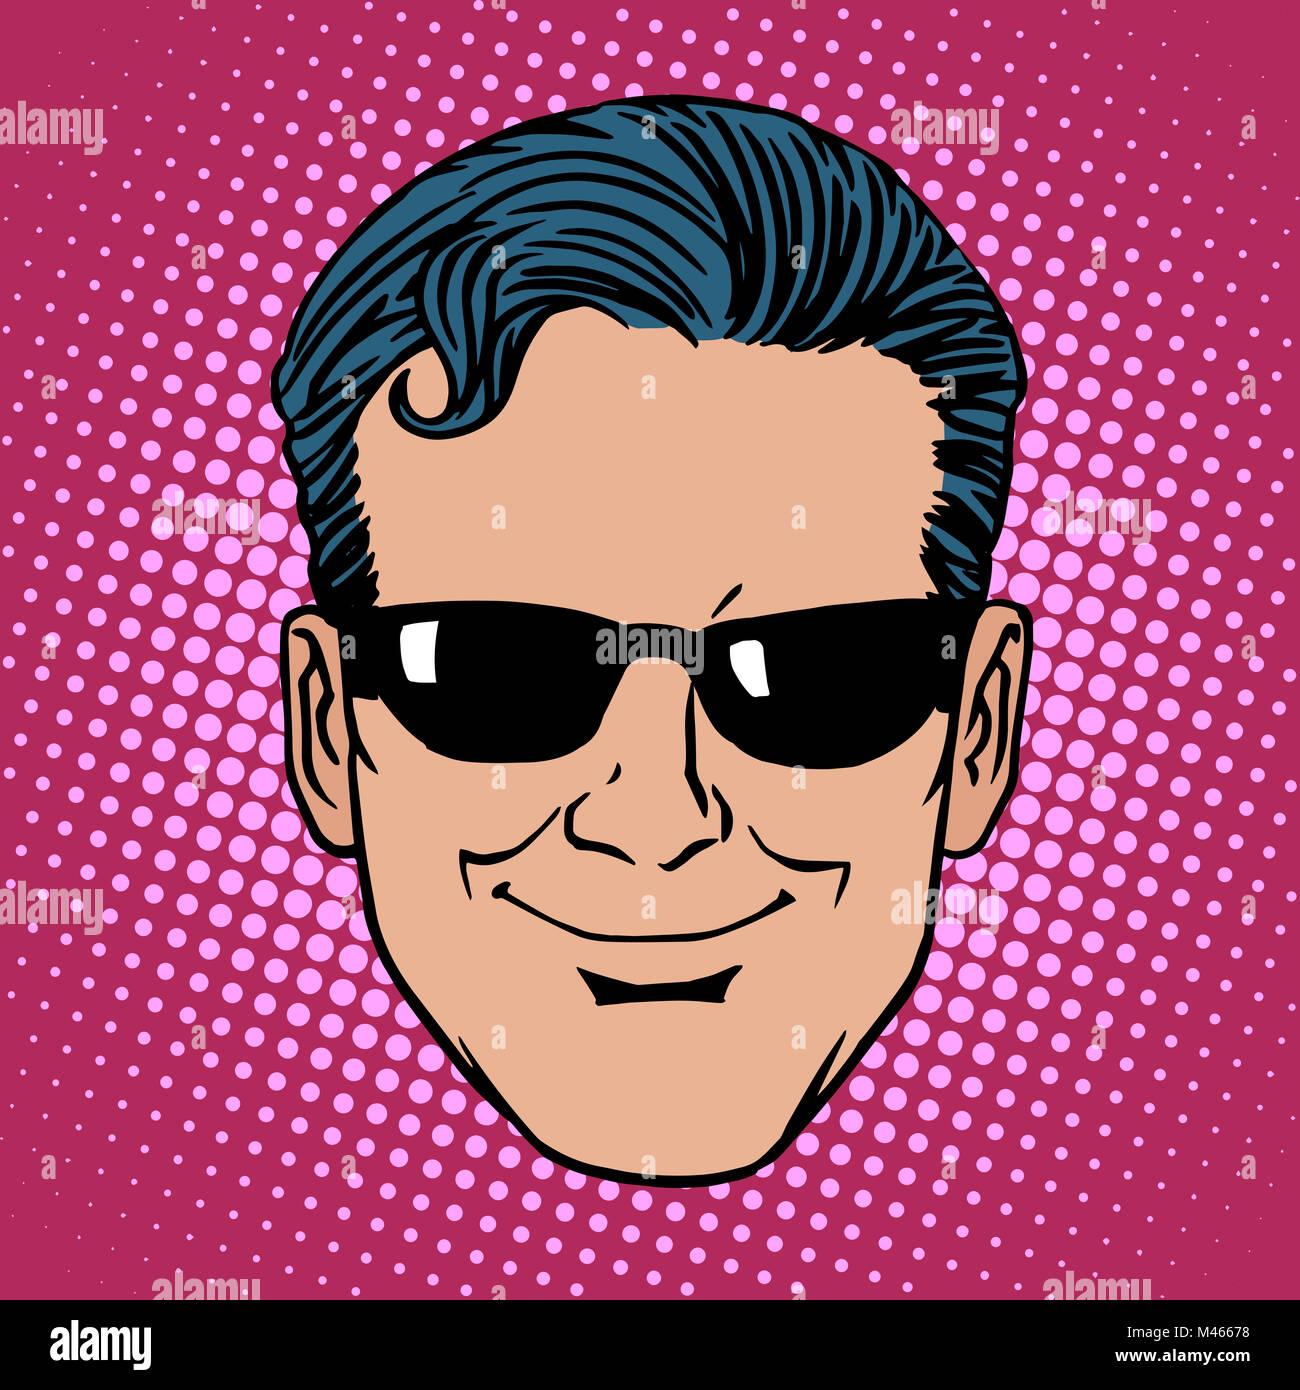 Retro Emoji spy man face - Stock Image